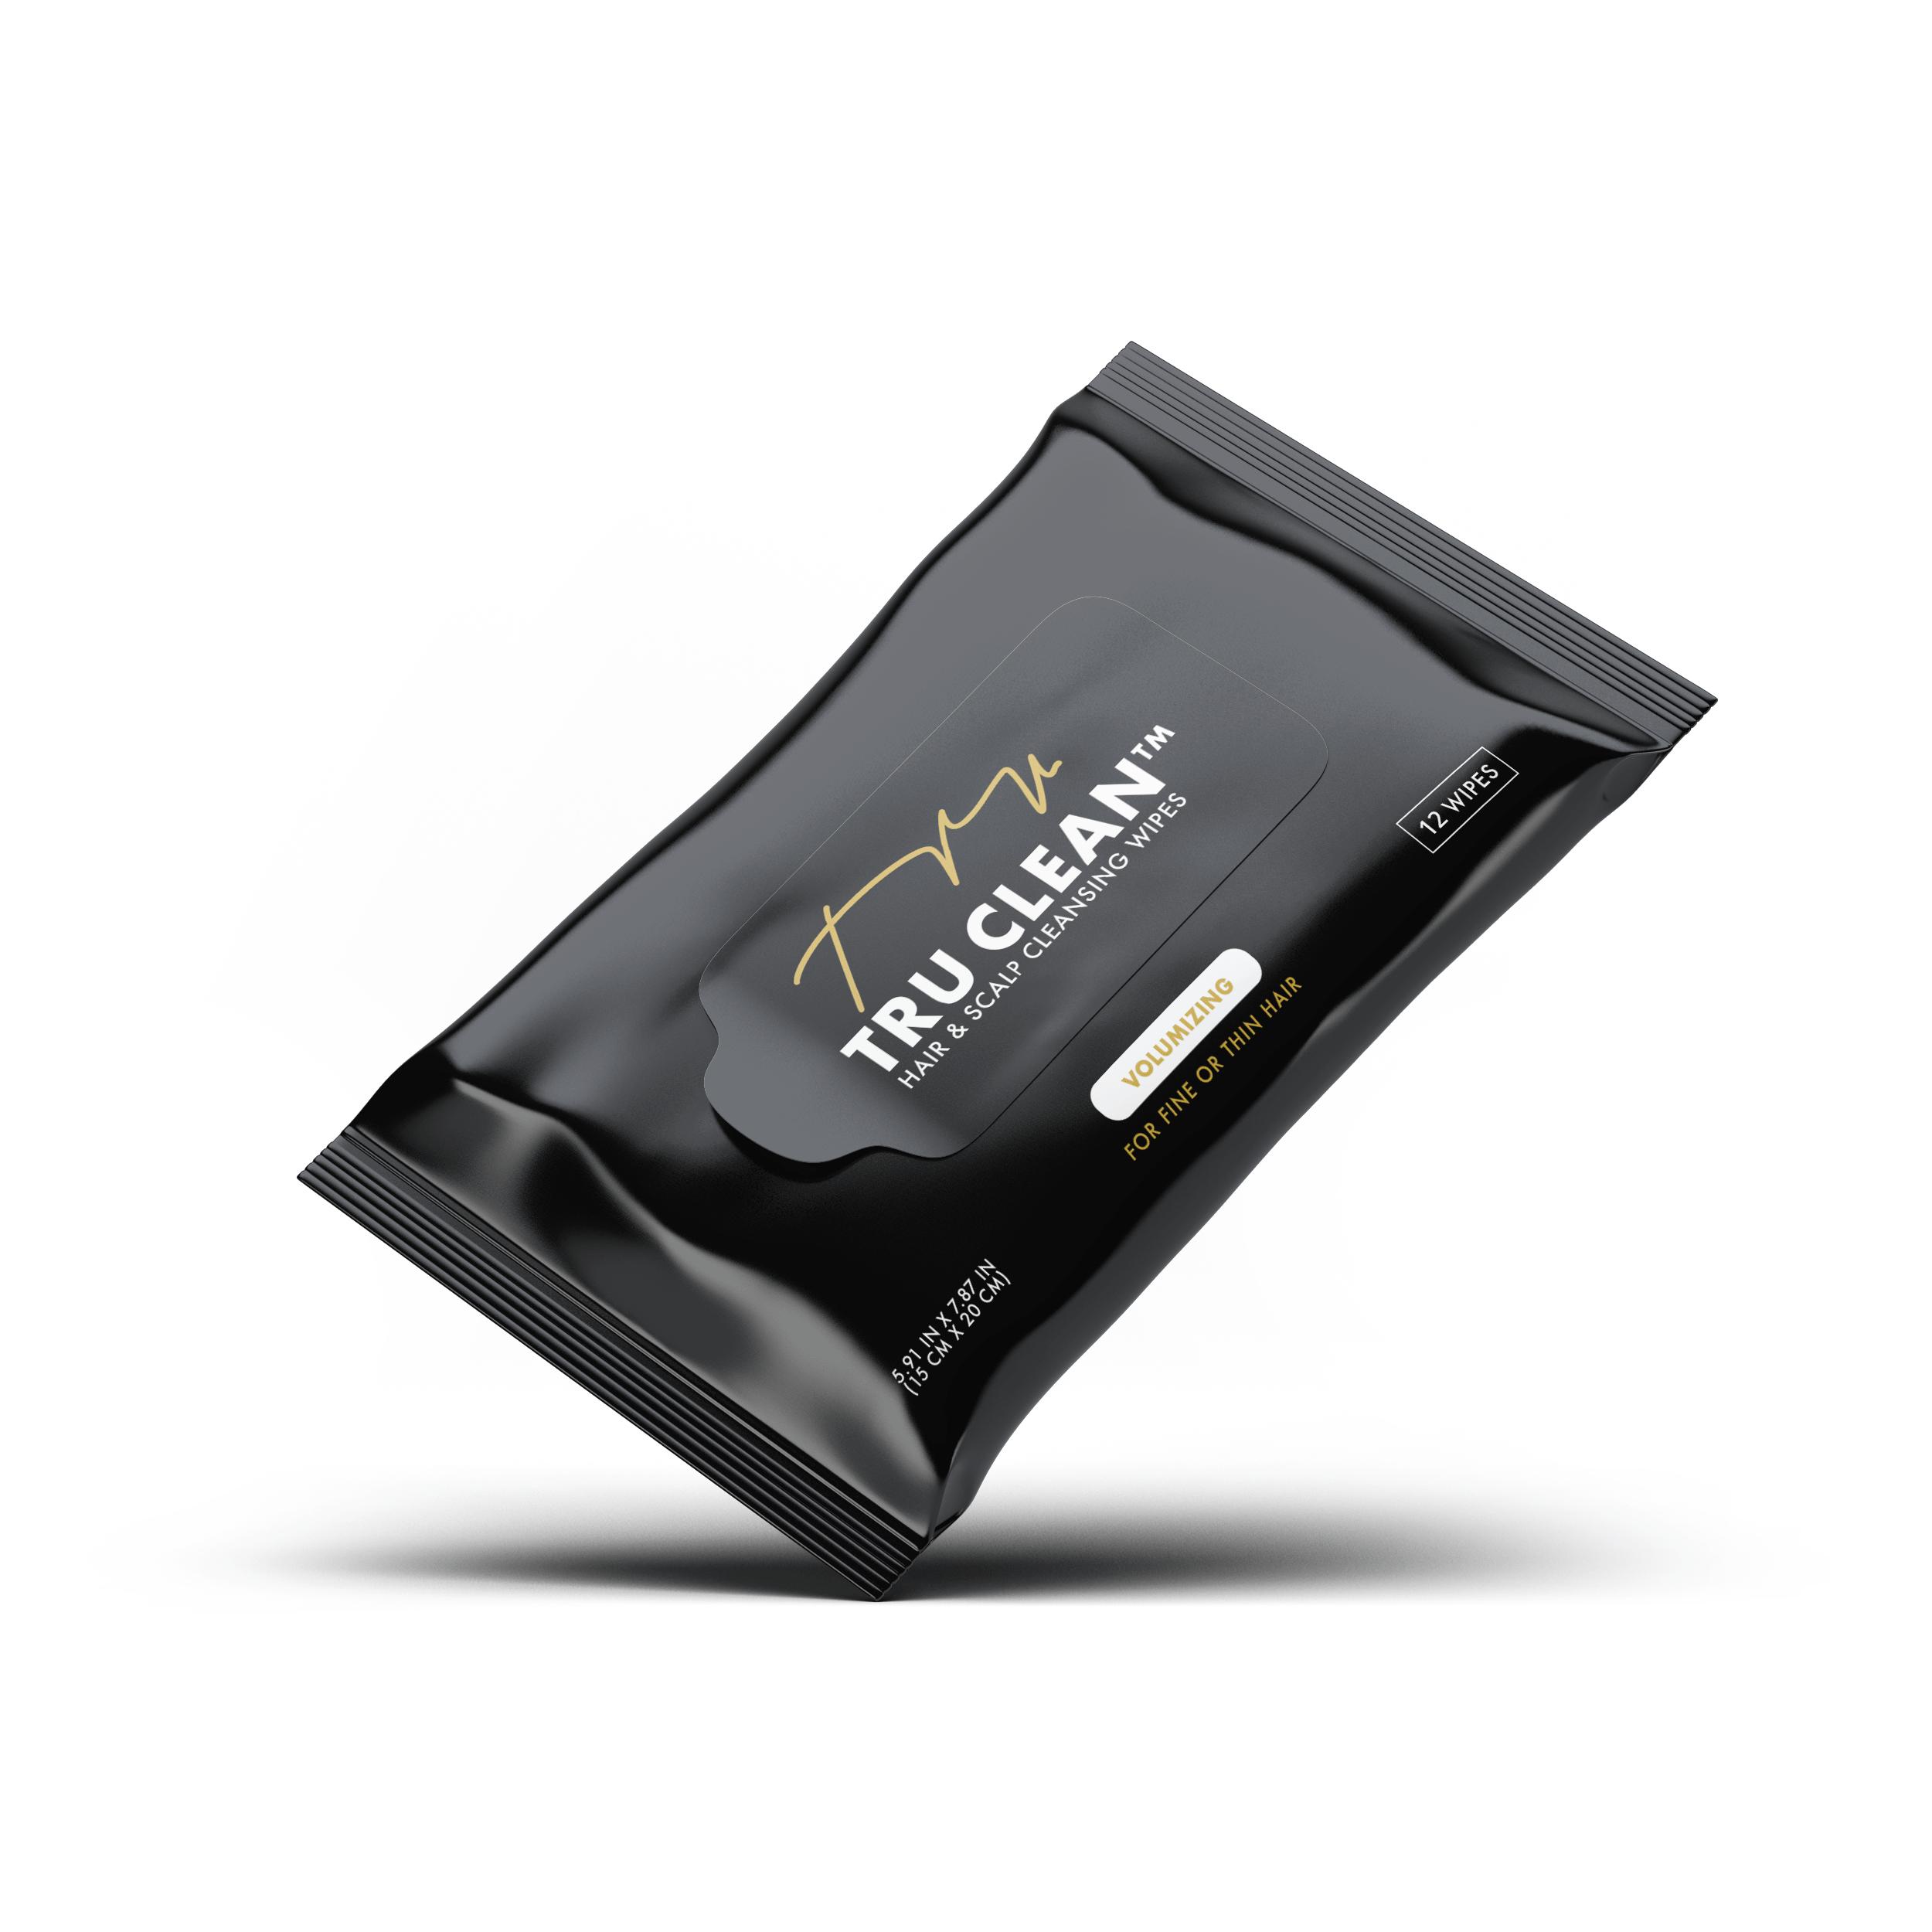 Pheelosophy - Tru Clean Volumizing Wipes Packaging Design